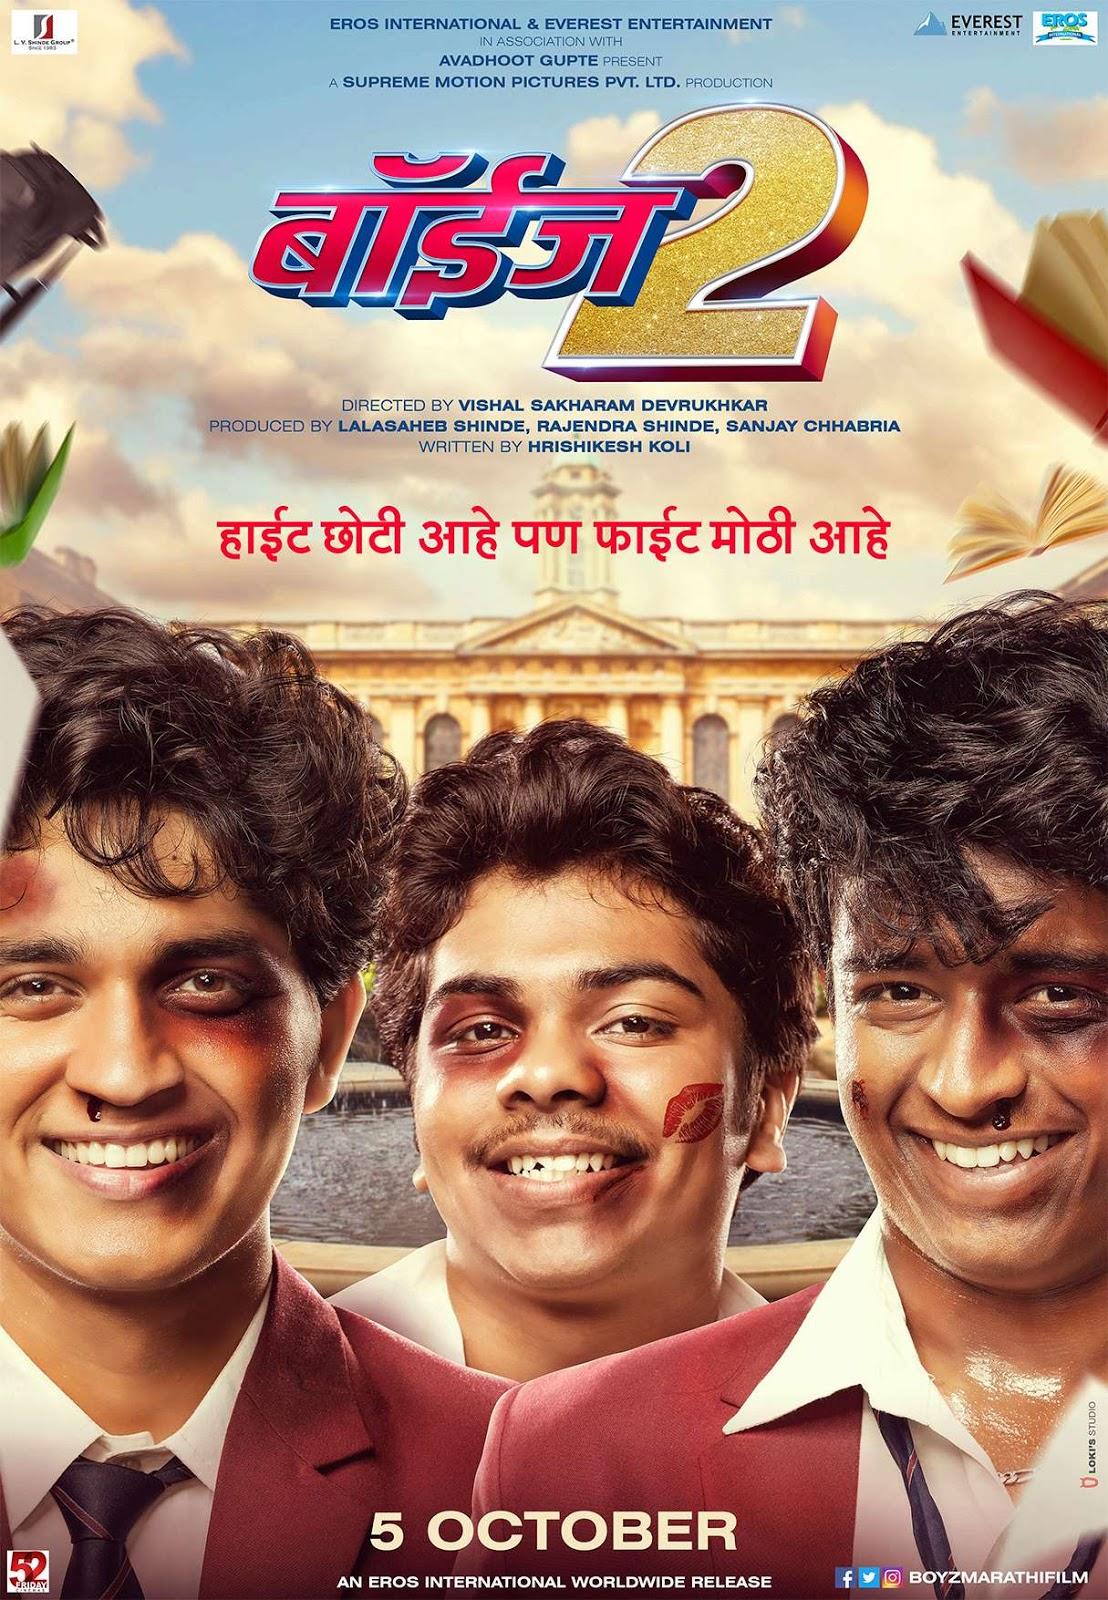 बॉईज २ मराठी चित्रपटाचे पोस्टर - मराठी चित्रपट | Boyz 2 Marathi Movie Poster - Marathi Movie